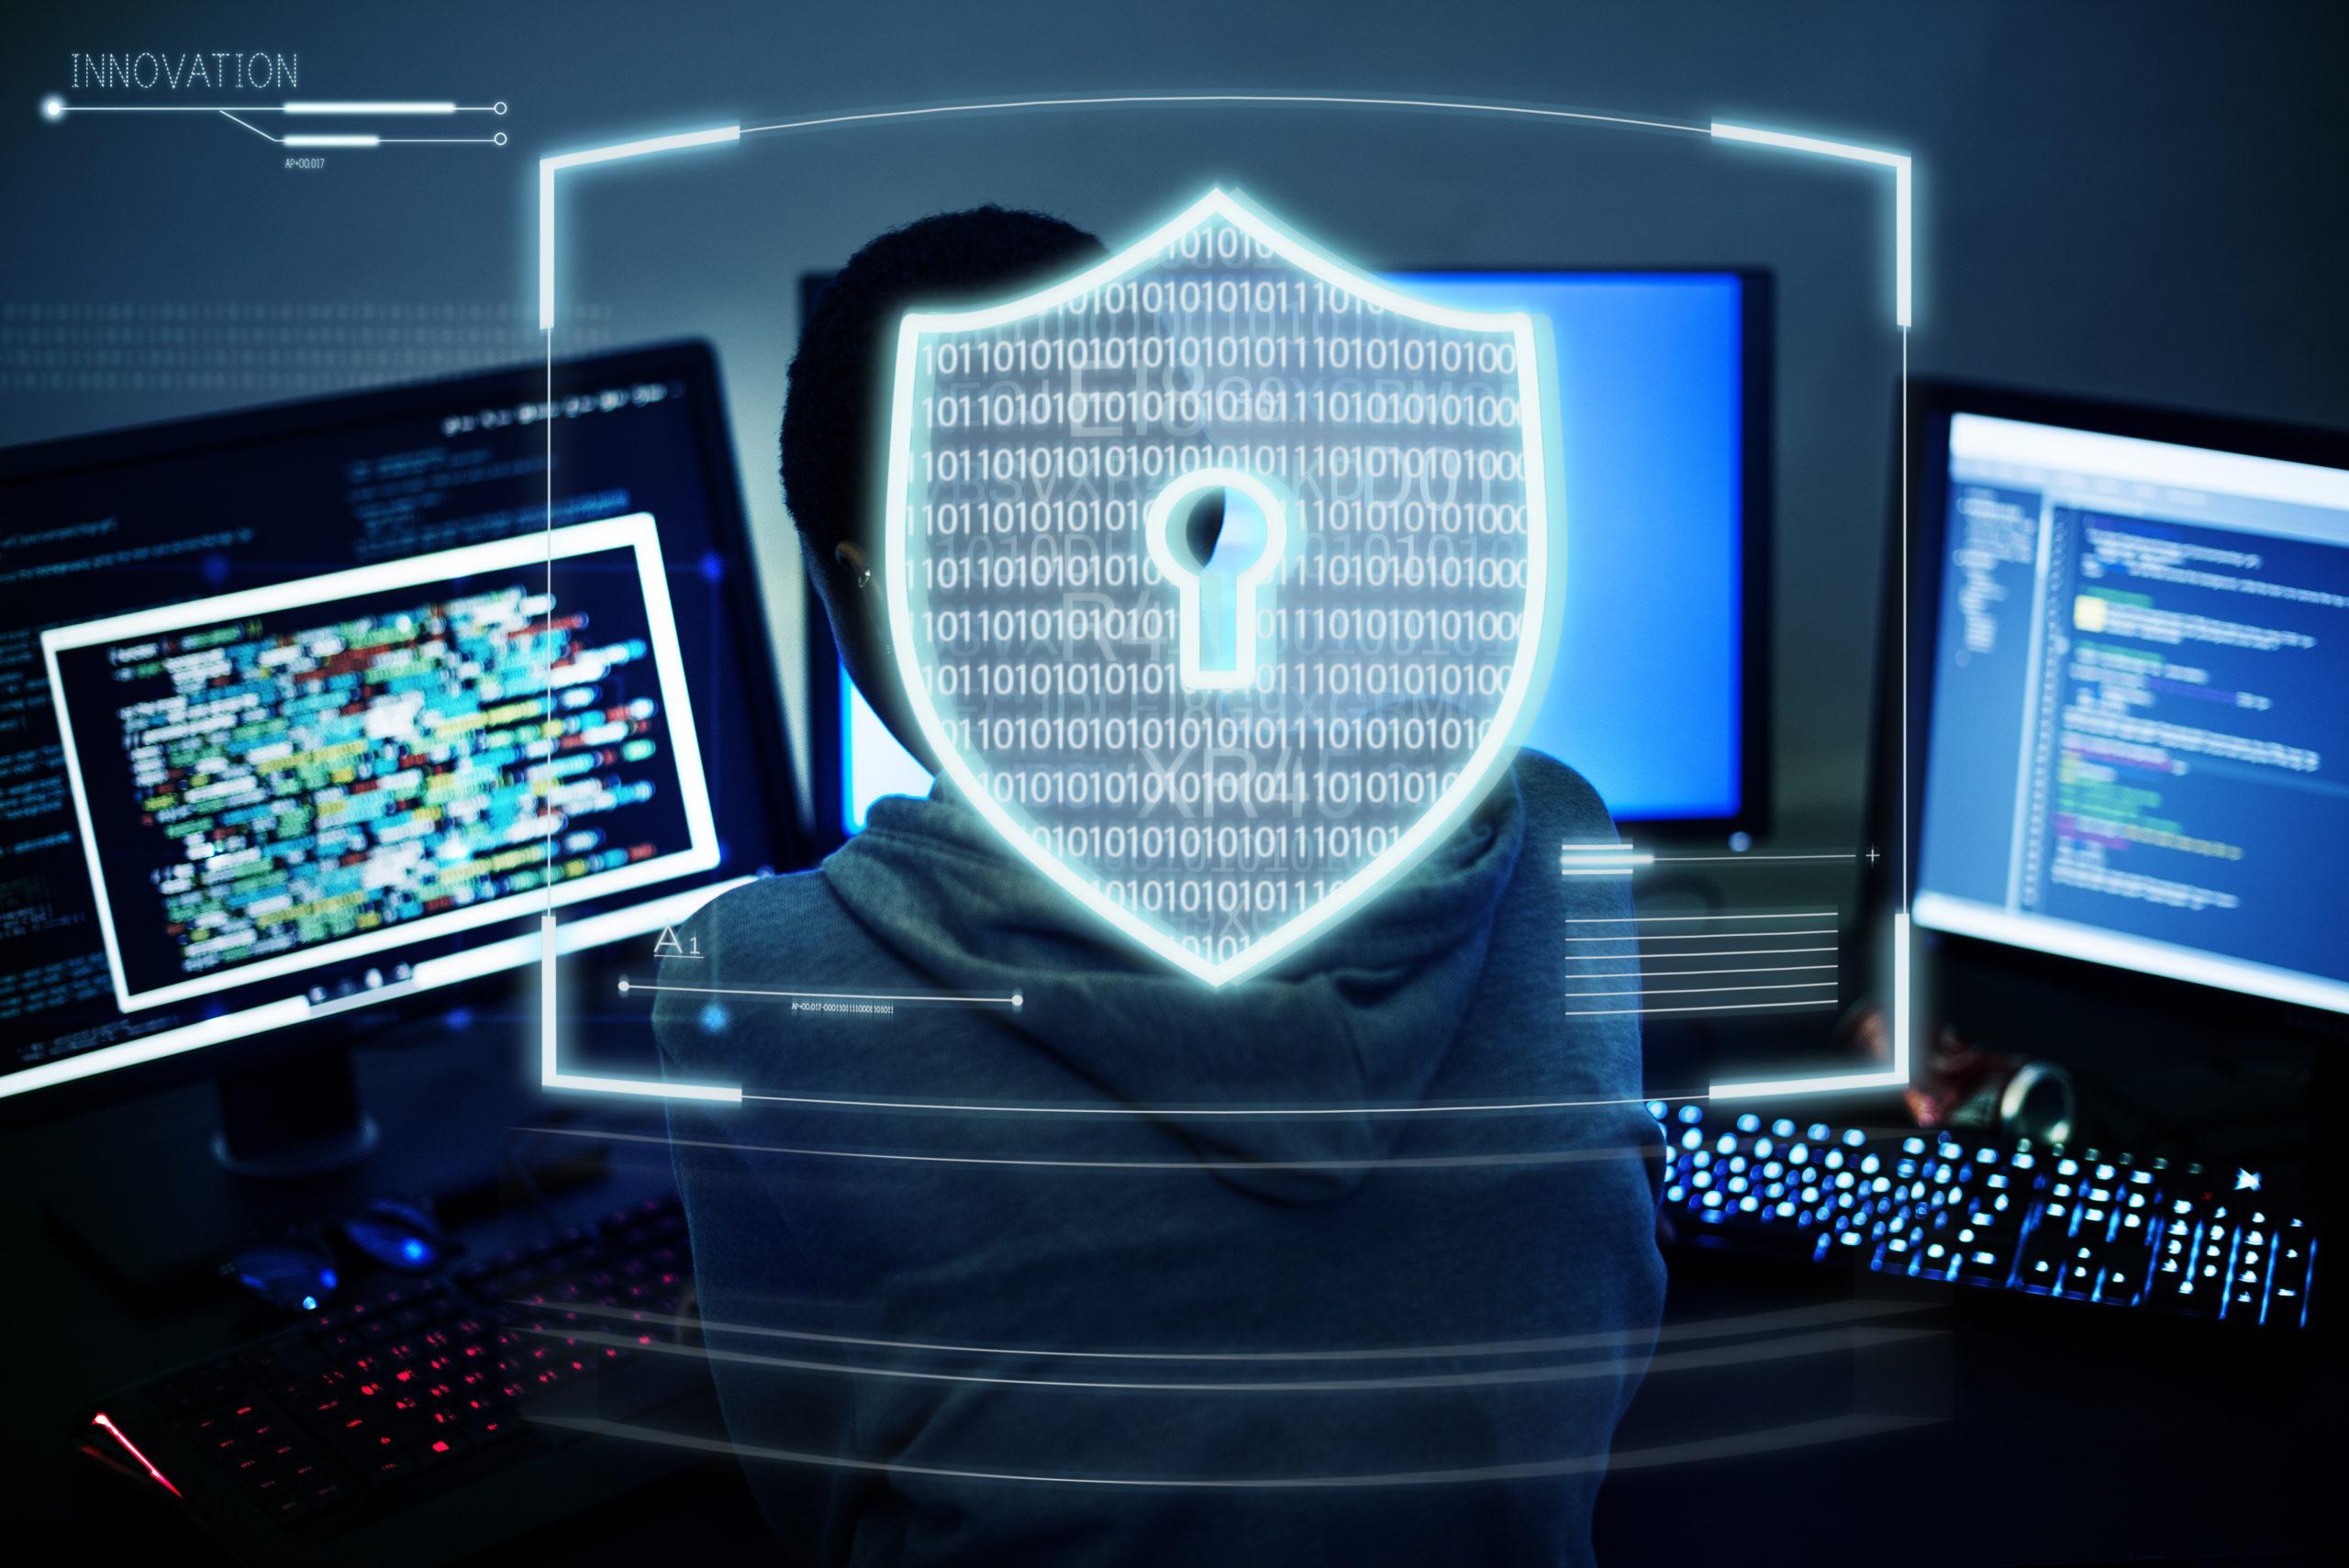 replikacja chrona danych komputer monitor security